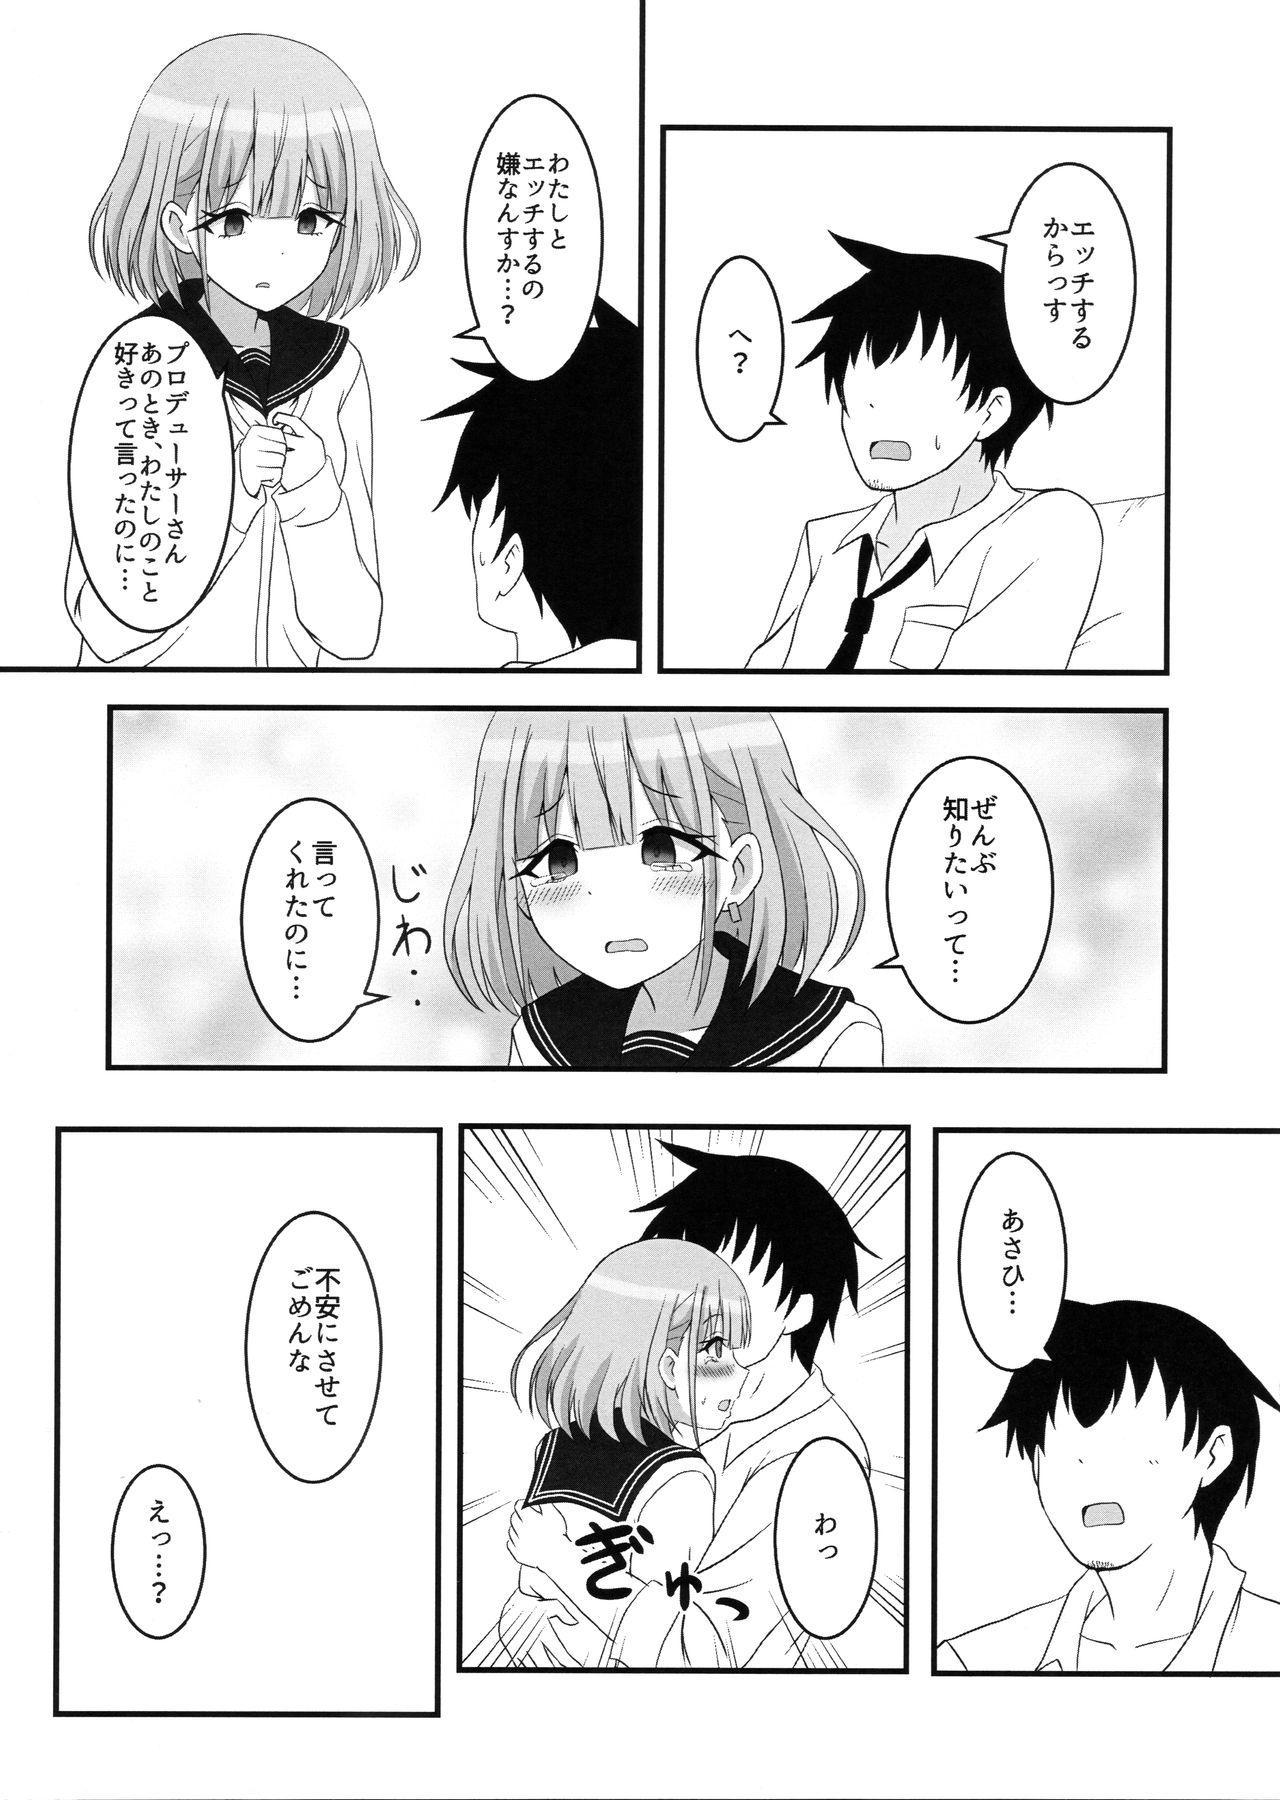 Asahi ga mata noboru 7